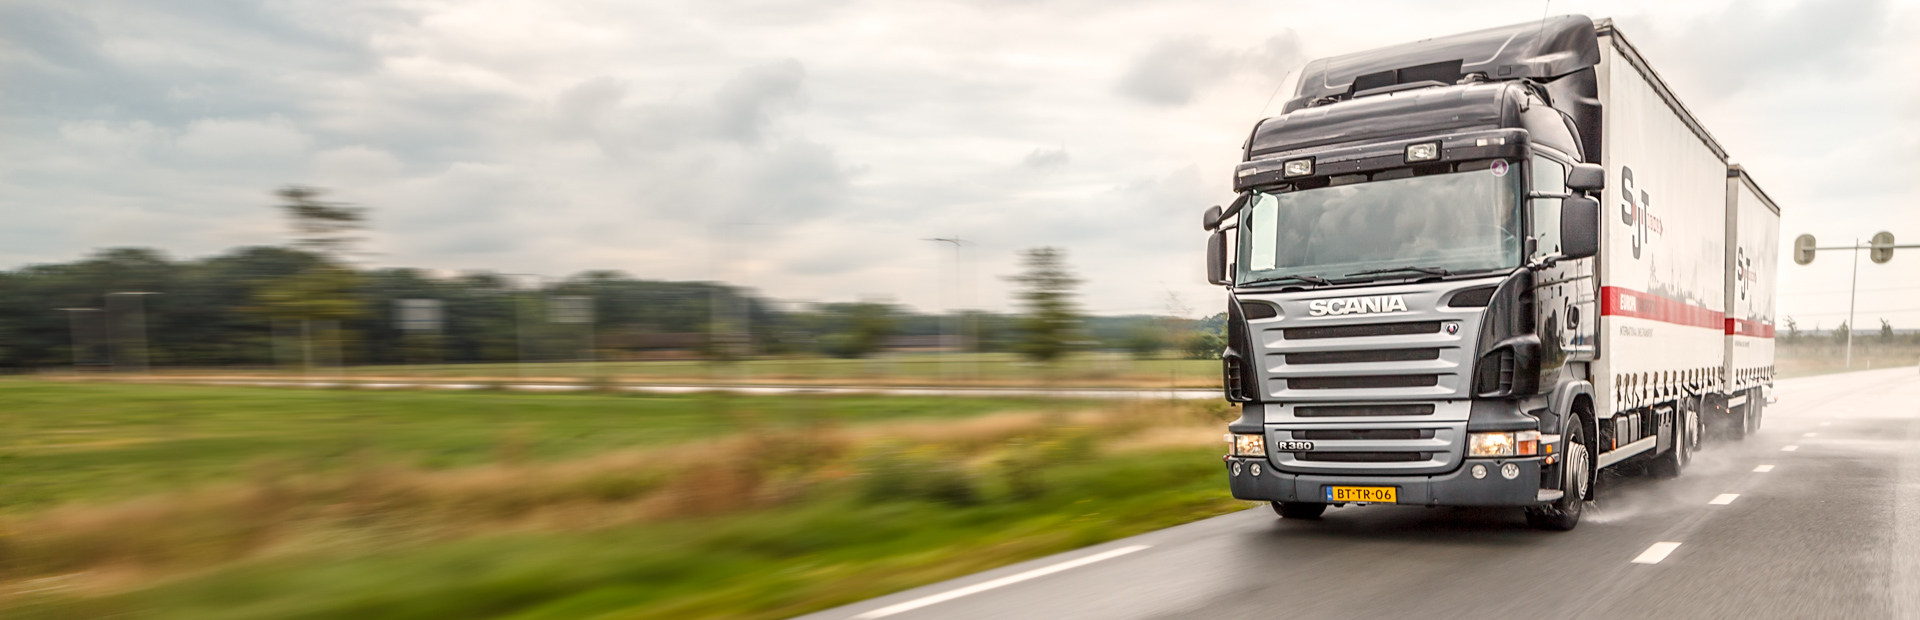 Sneltransport Venlo vrachtwagen